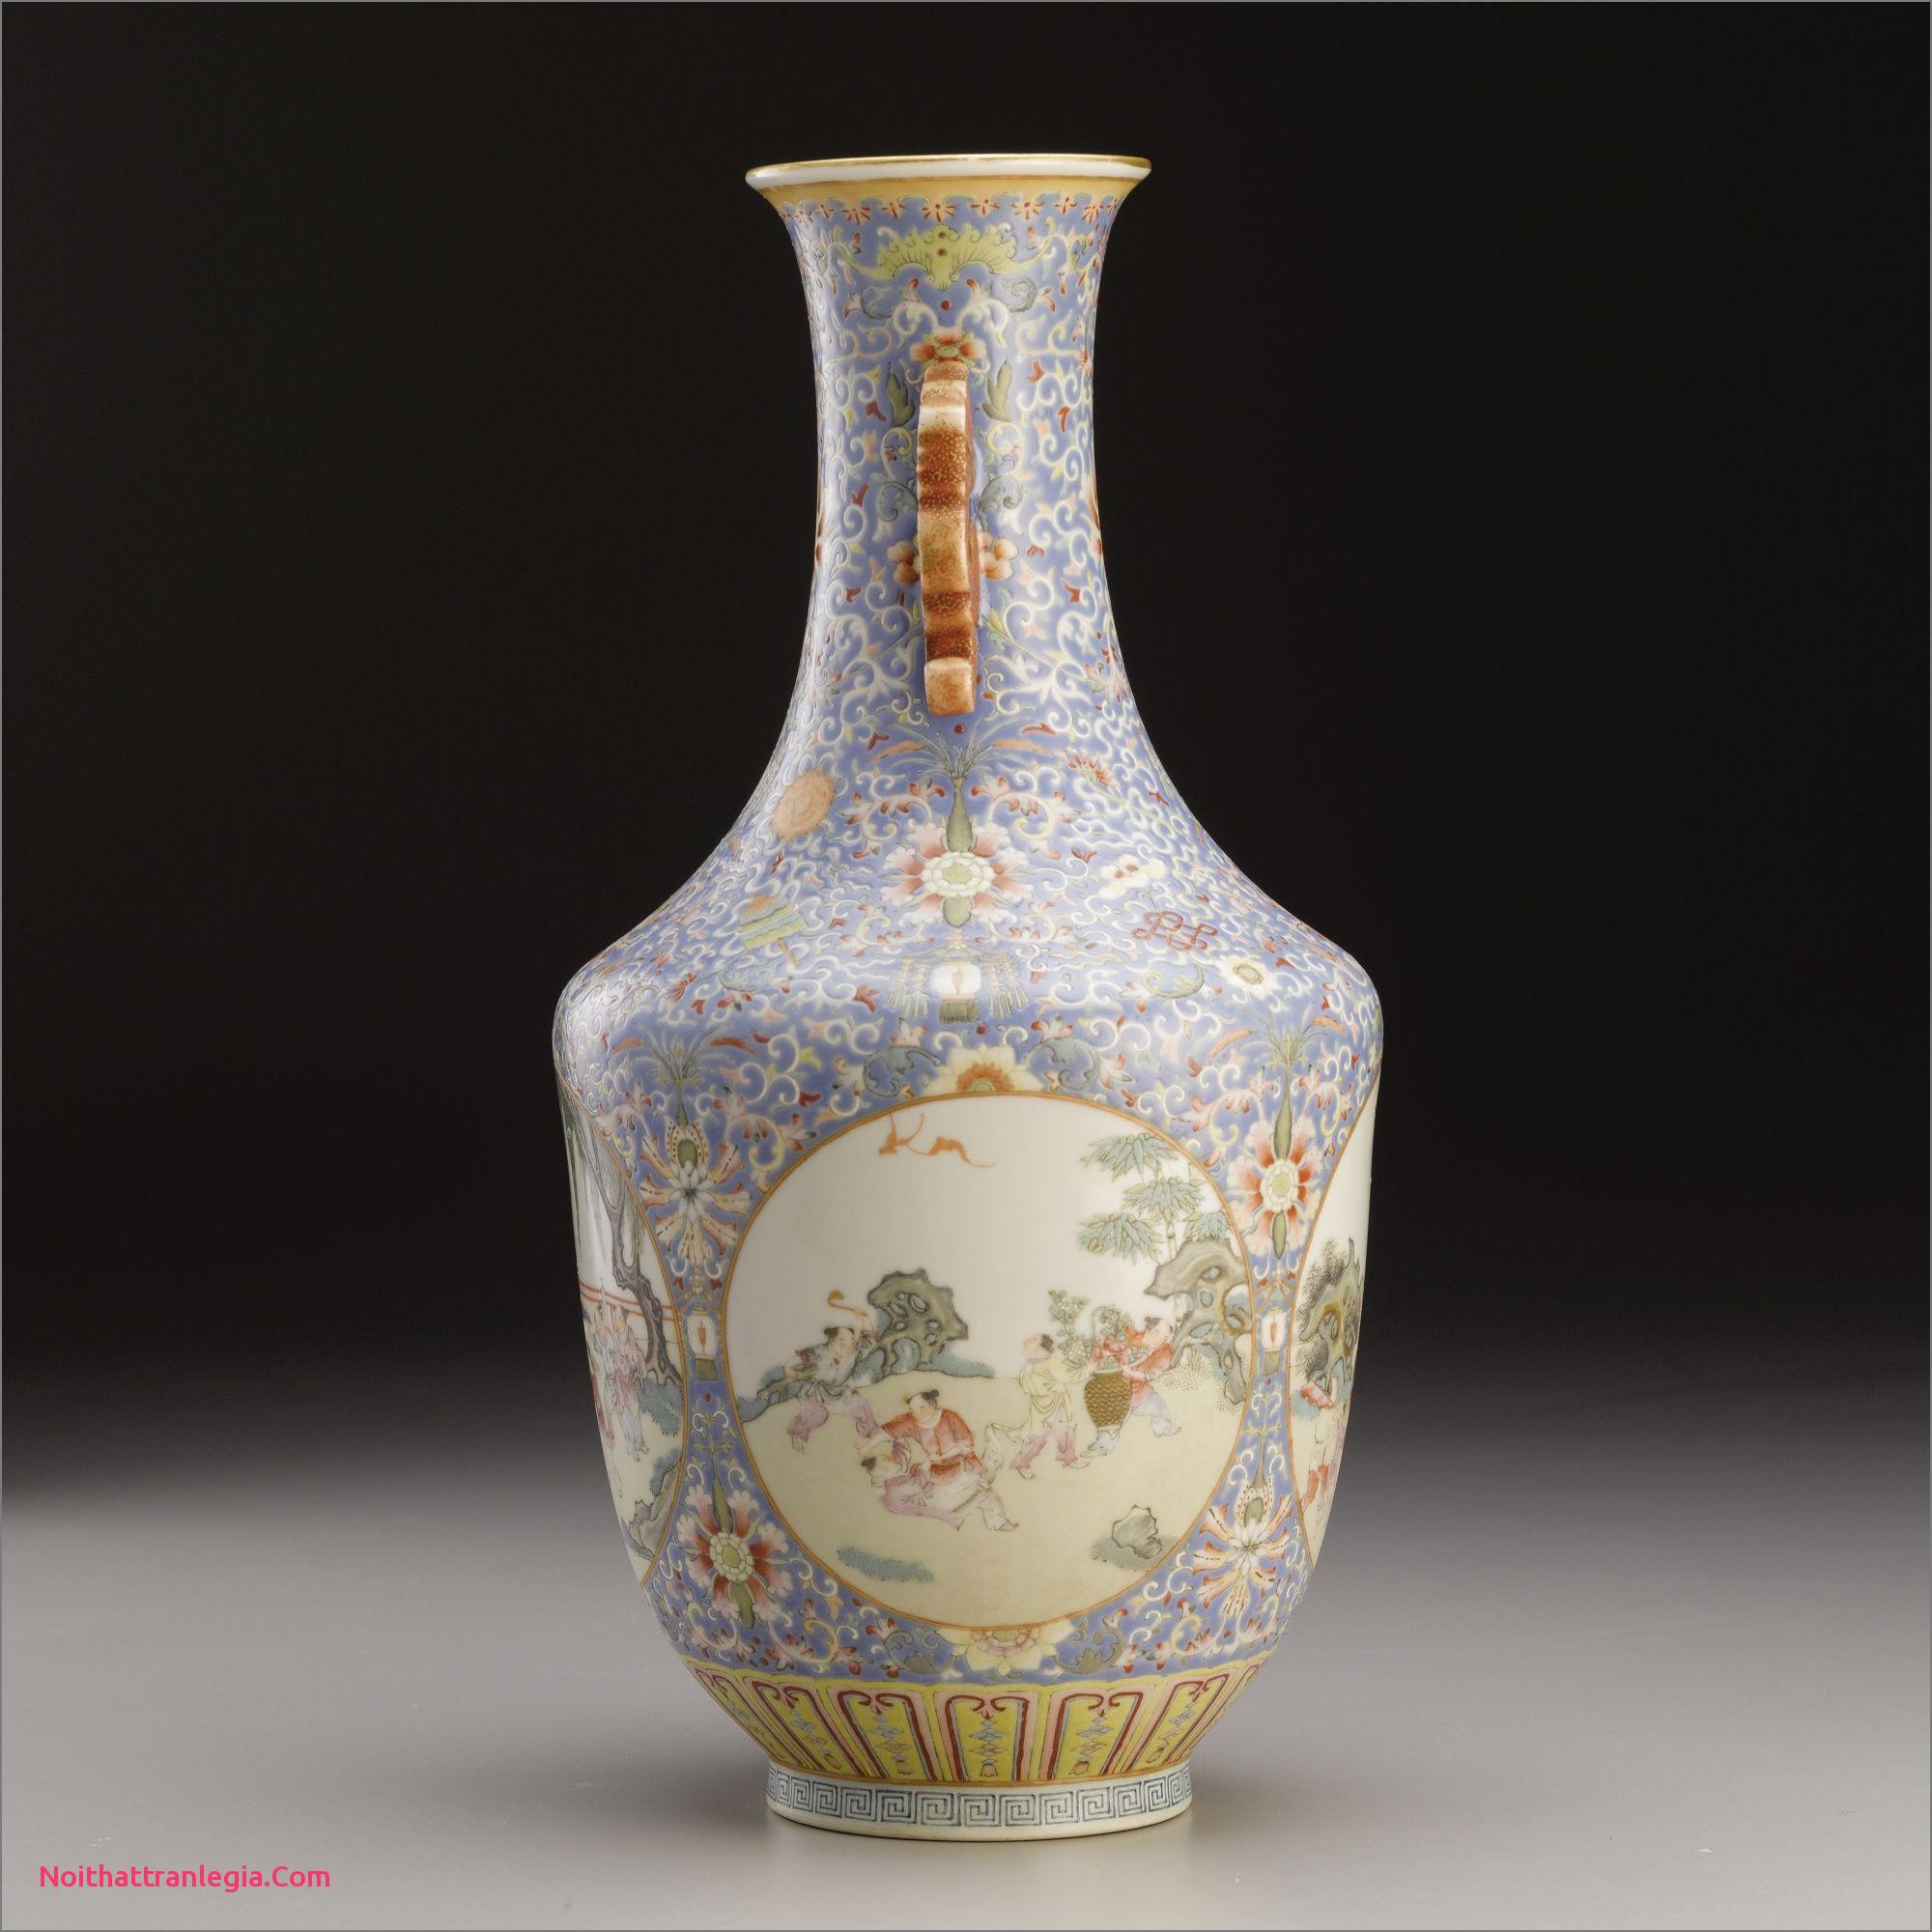 antique cloisonne vase value of 20 chinese antique vase noithattranlegia vases design in a fine blue ground famille rose vase qing dynasty daoguang